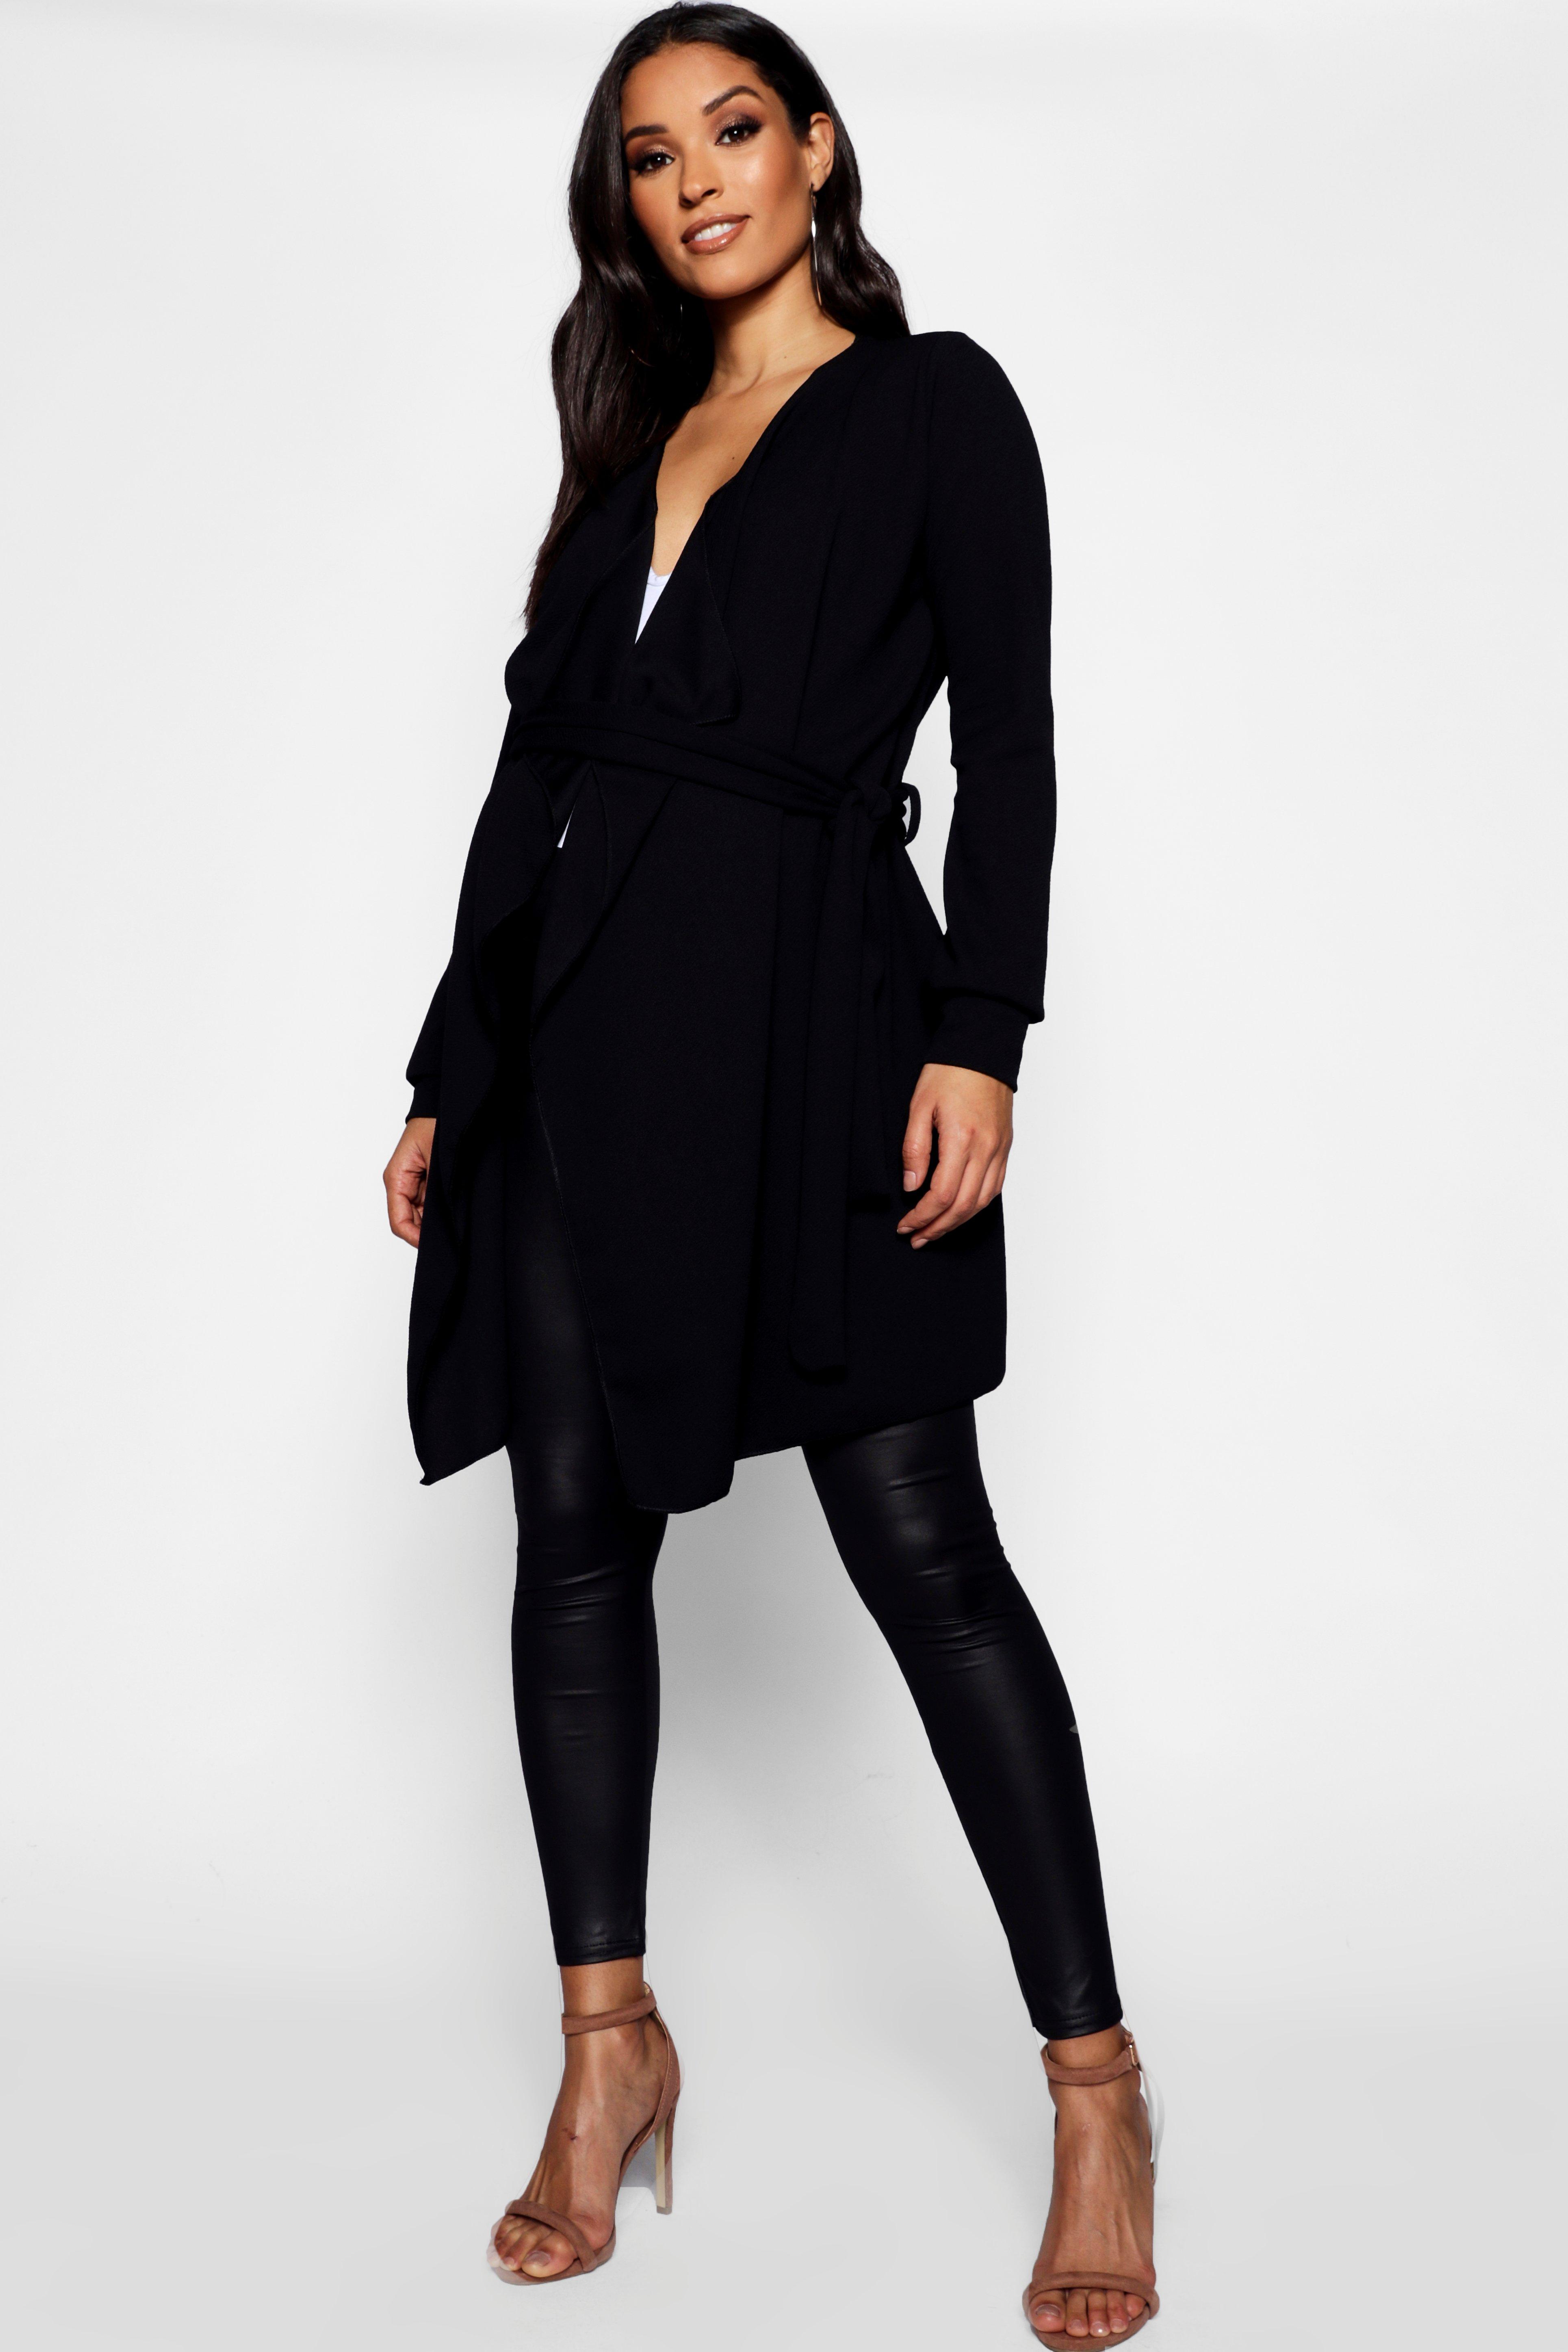 Купить Coats & Jackets, Жакет Duster с поясом Waterfall для беременных, boohoo